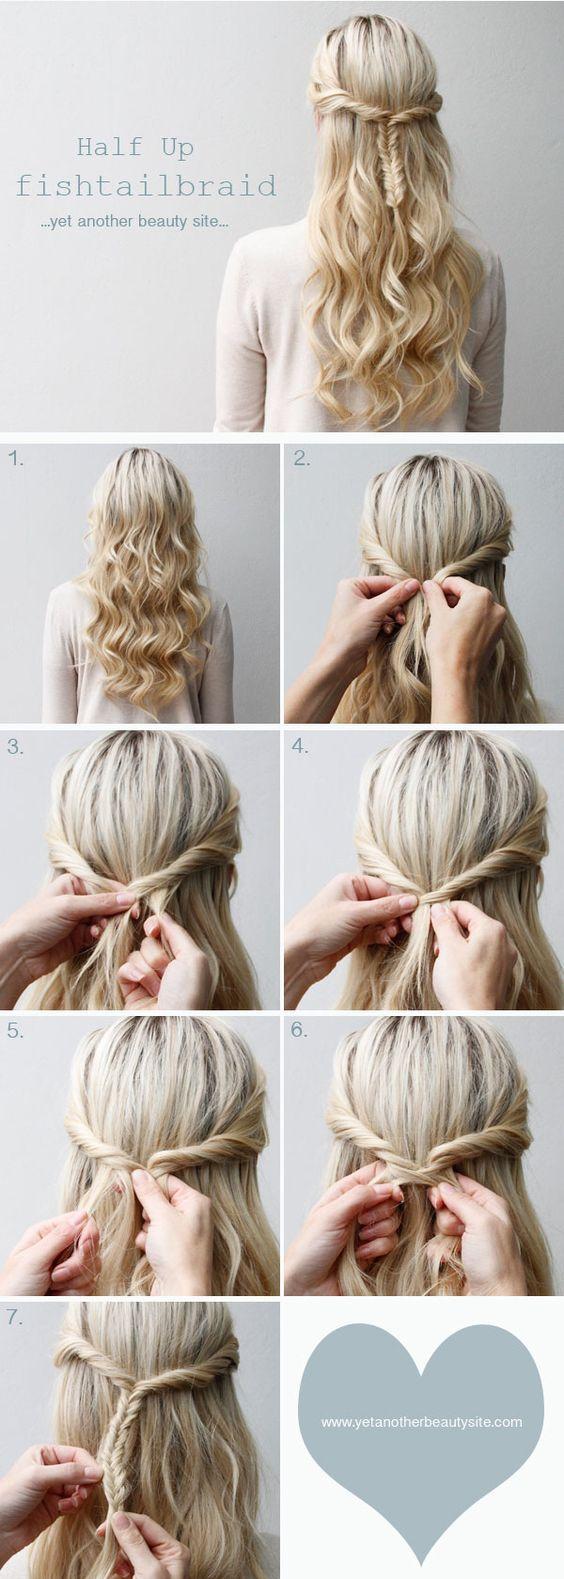 Örgü saç modelleri ve yapılışları hair style hair models and fun